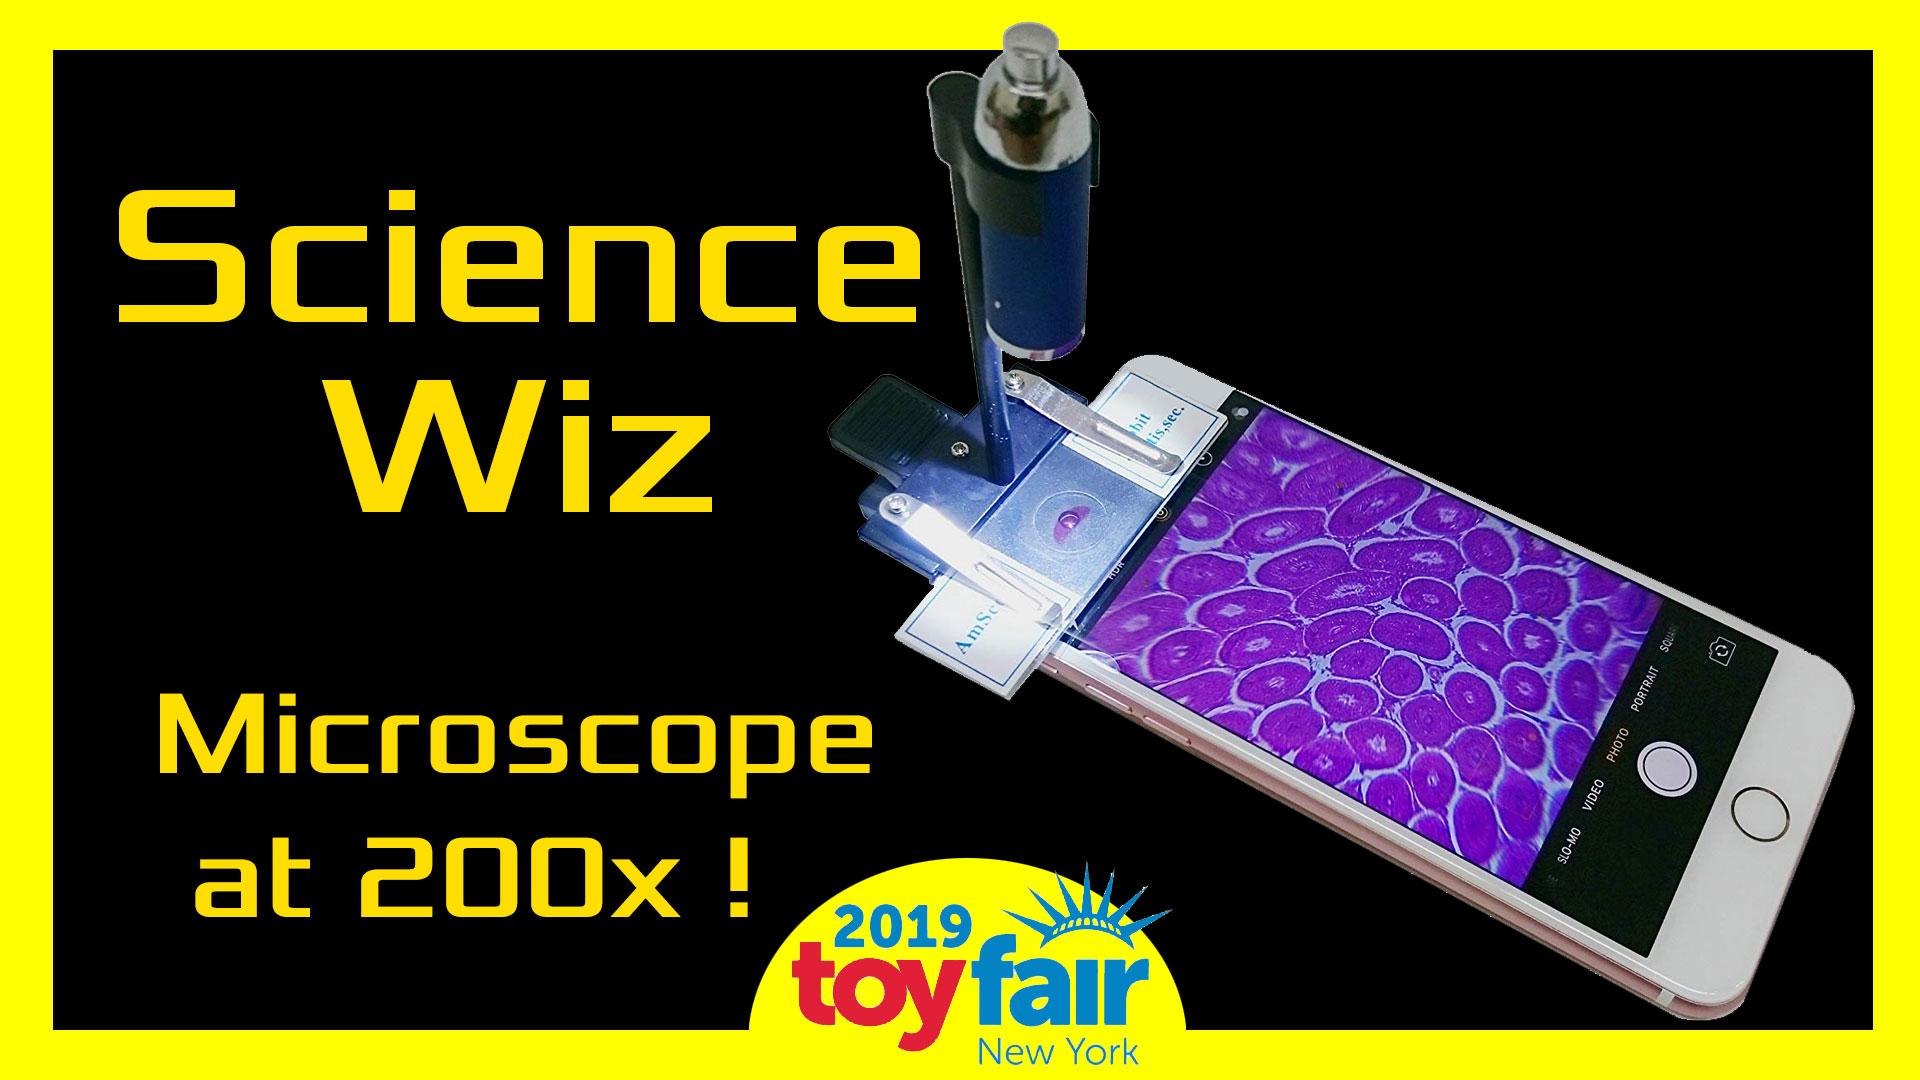 Science Wiz Microscope @Toyfair 2019